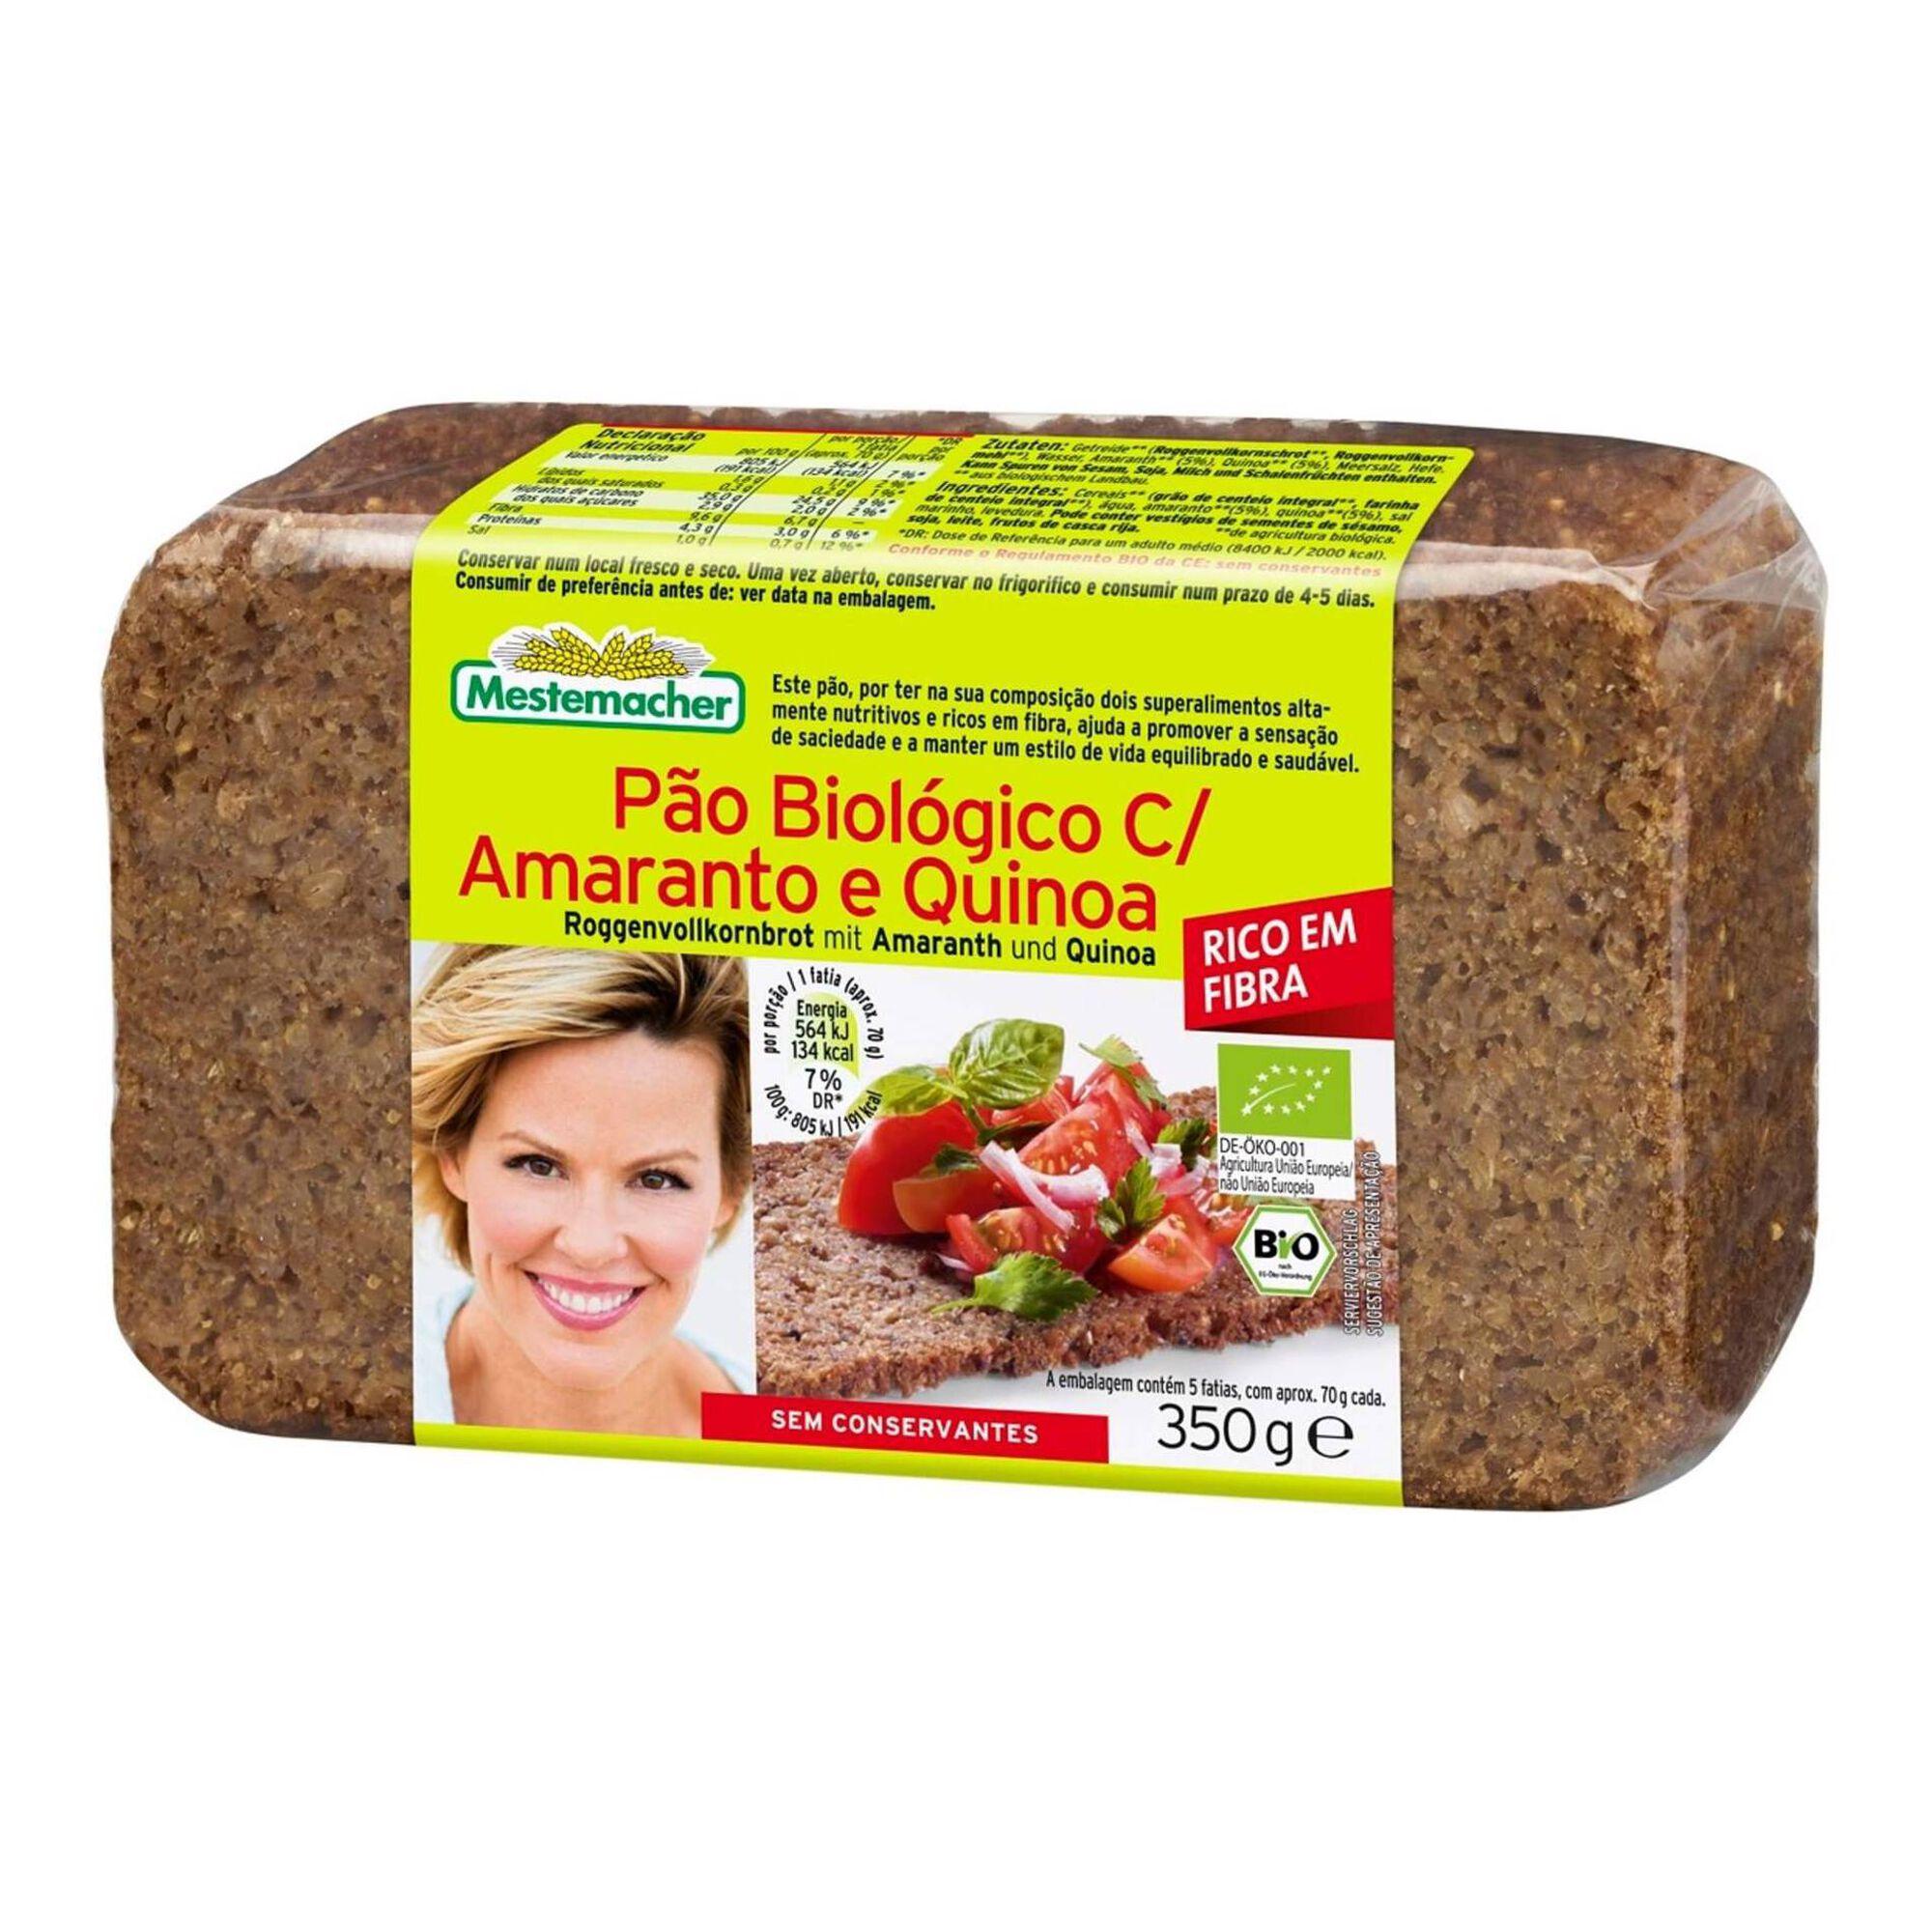 Pão com Amaranto e Quinoa Biológico